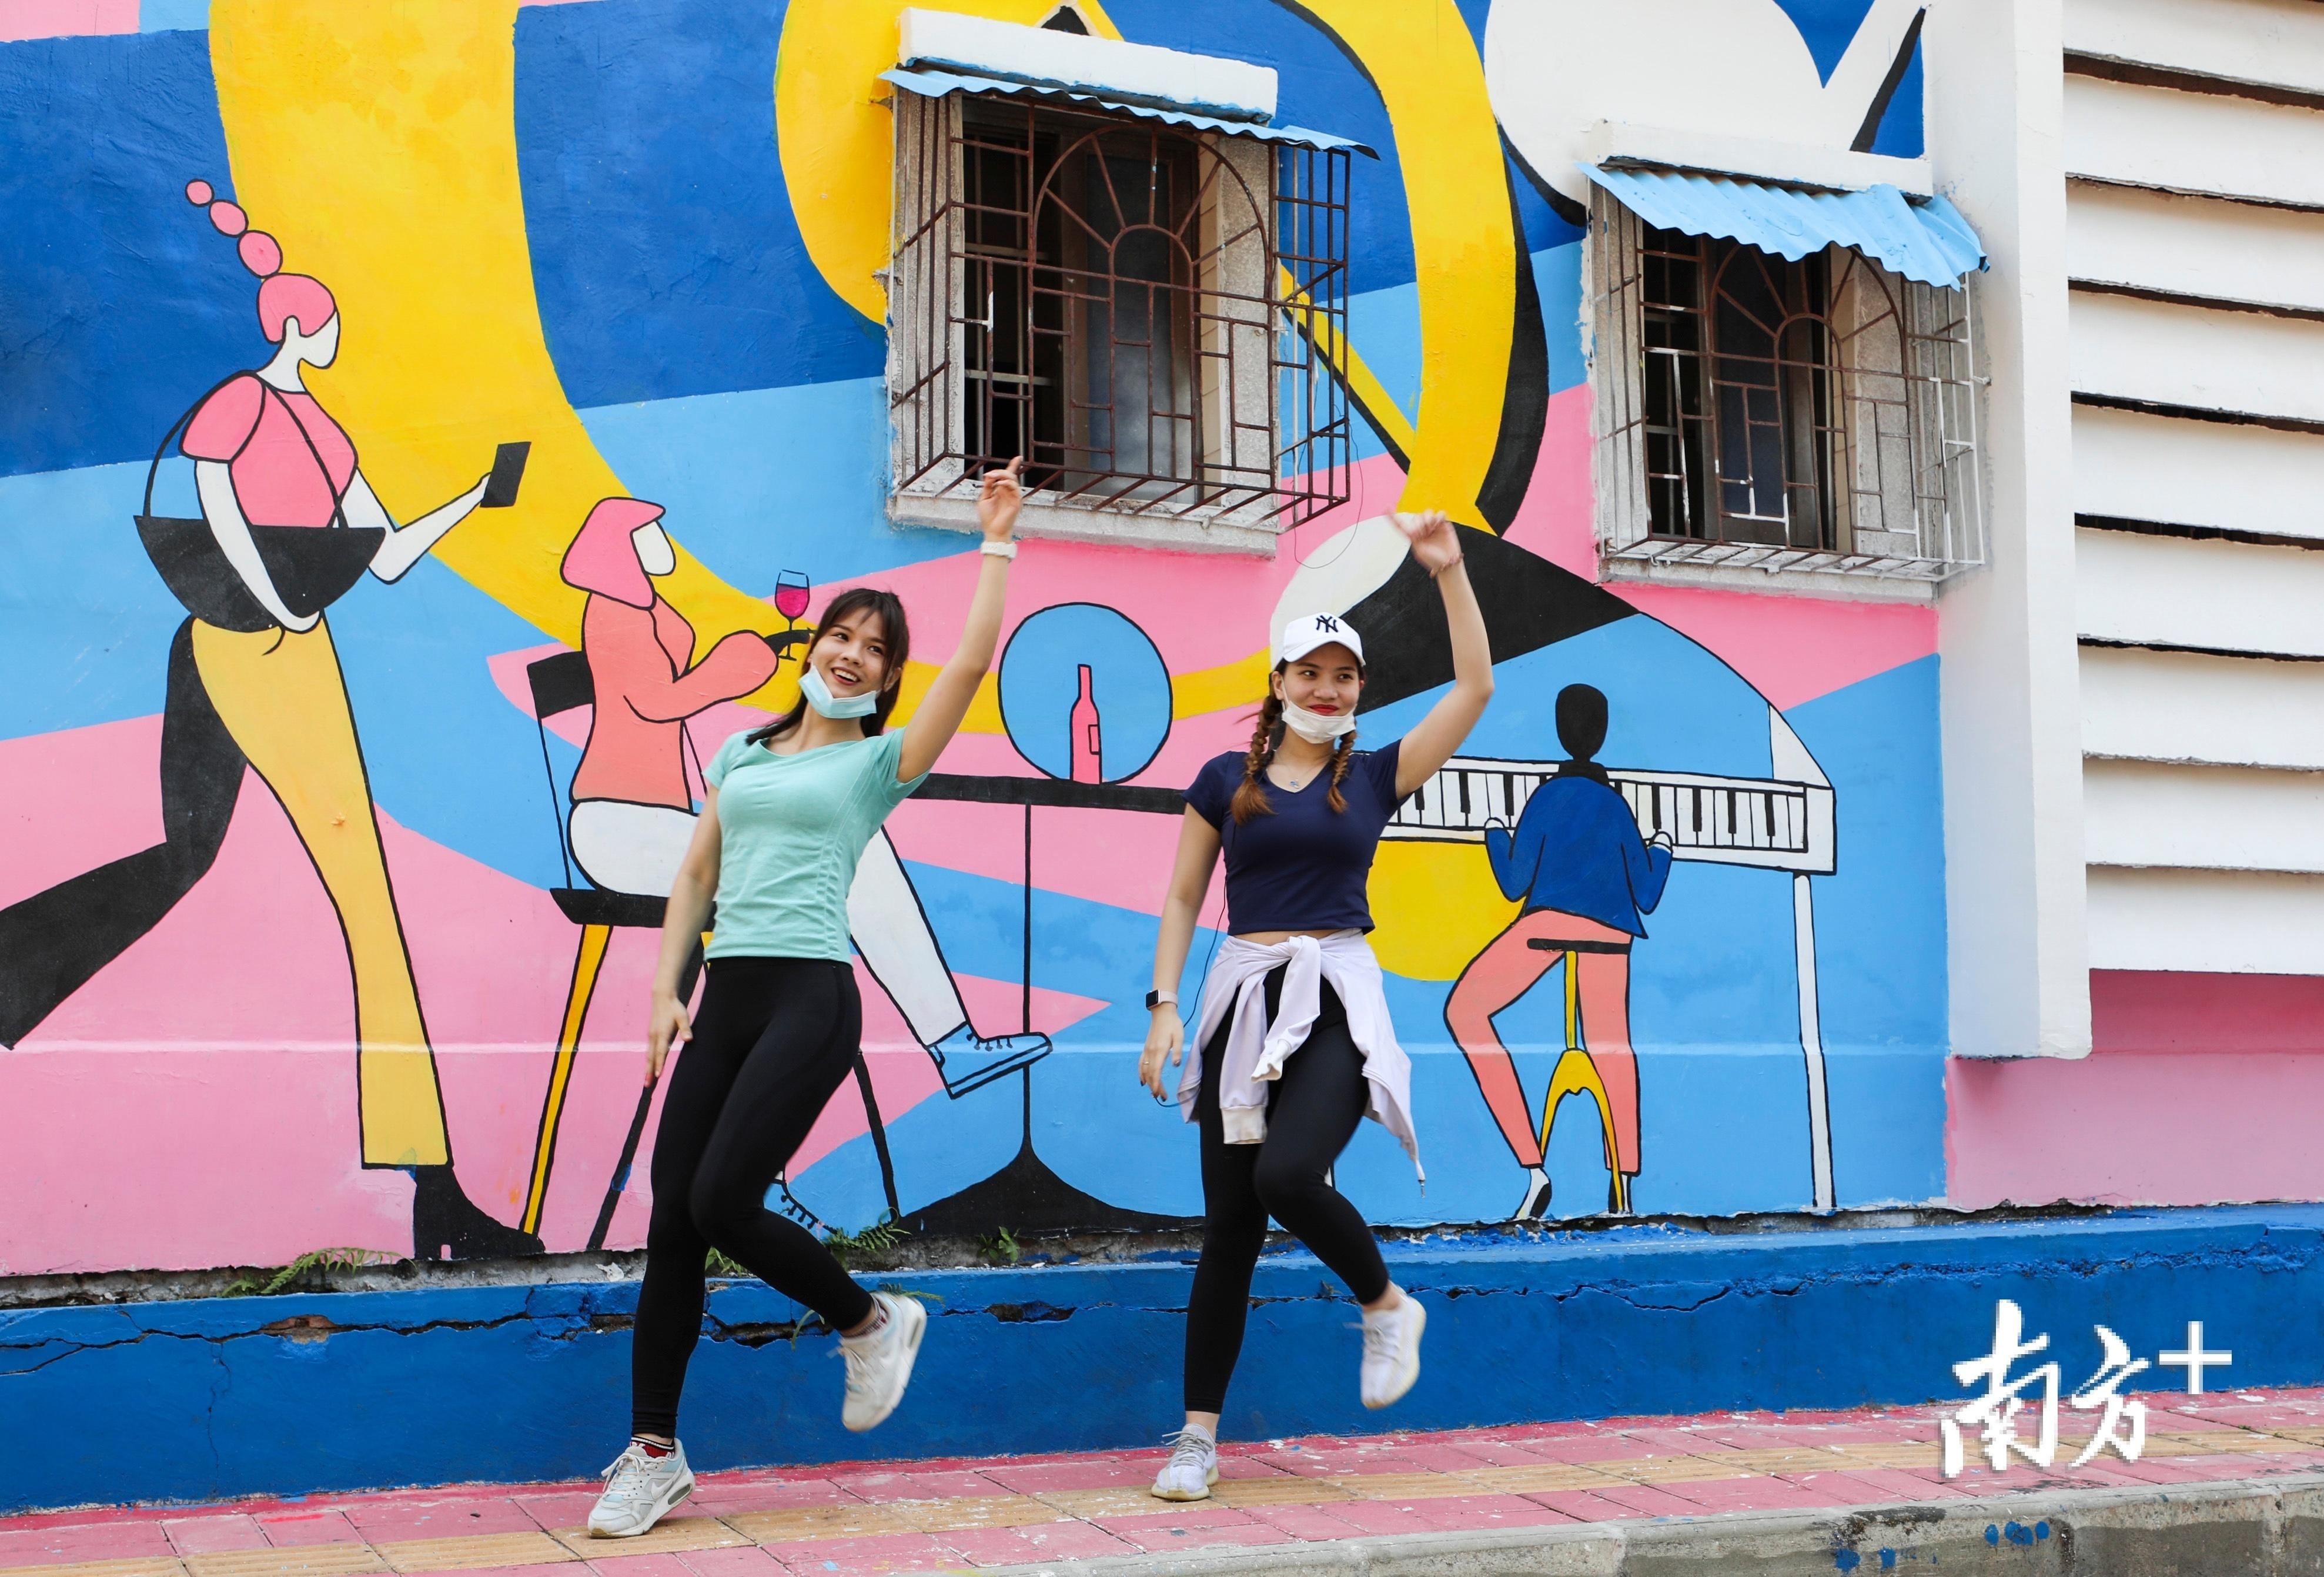 健身达人佩怡、诗敏姐妹在好心绿道经过的方兴小区钢琴楼面涂鸦前跳舞打卡。